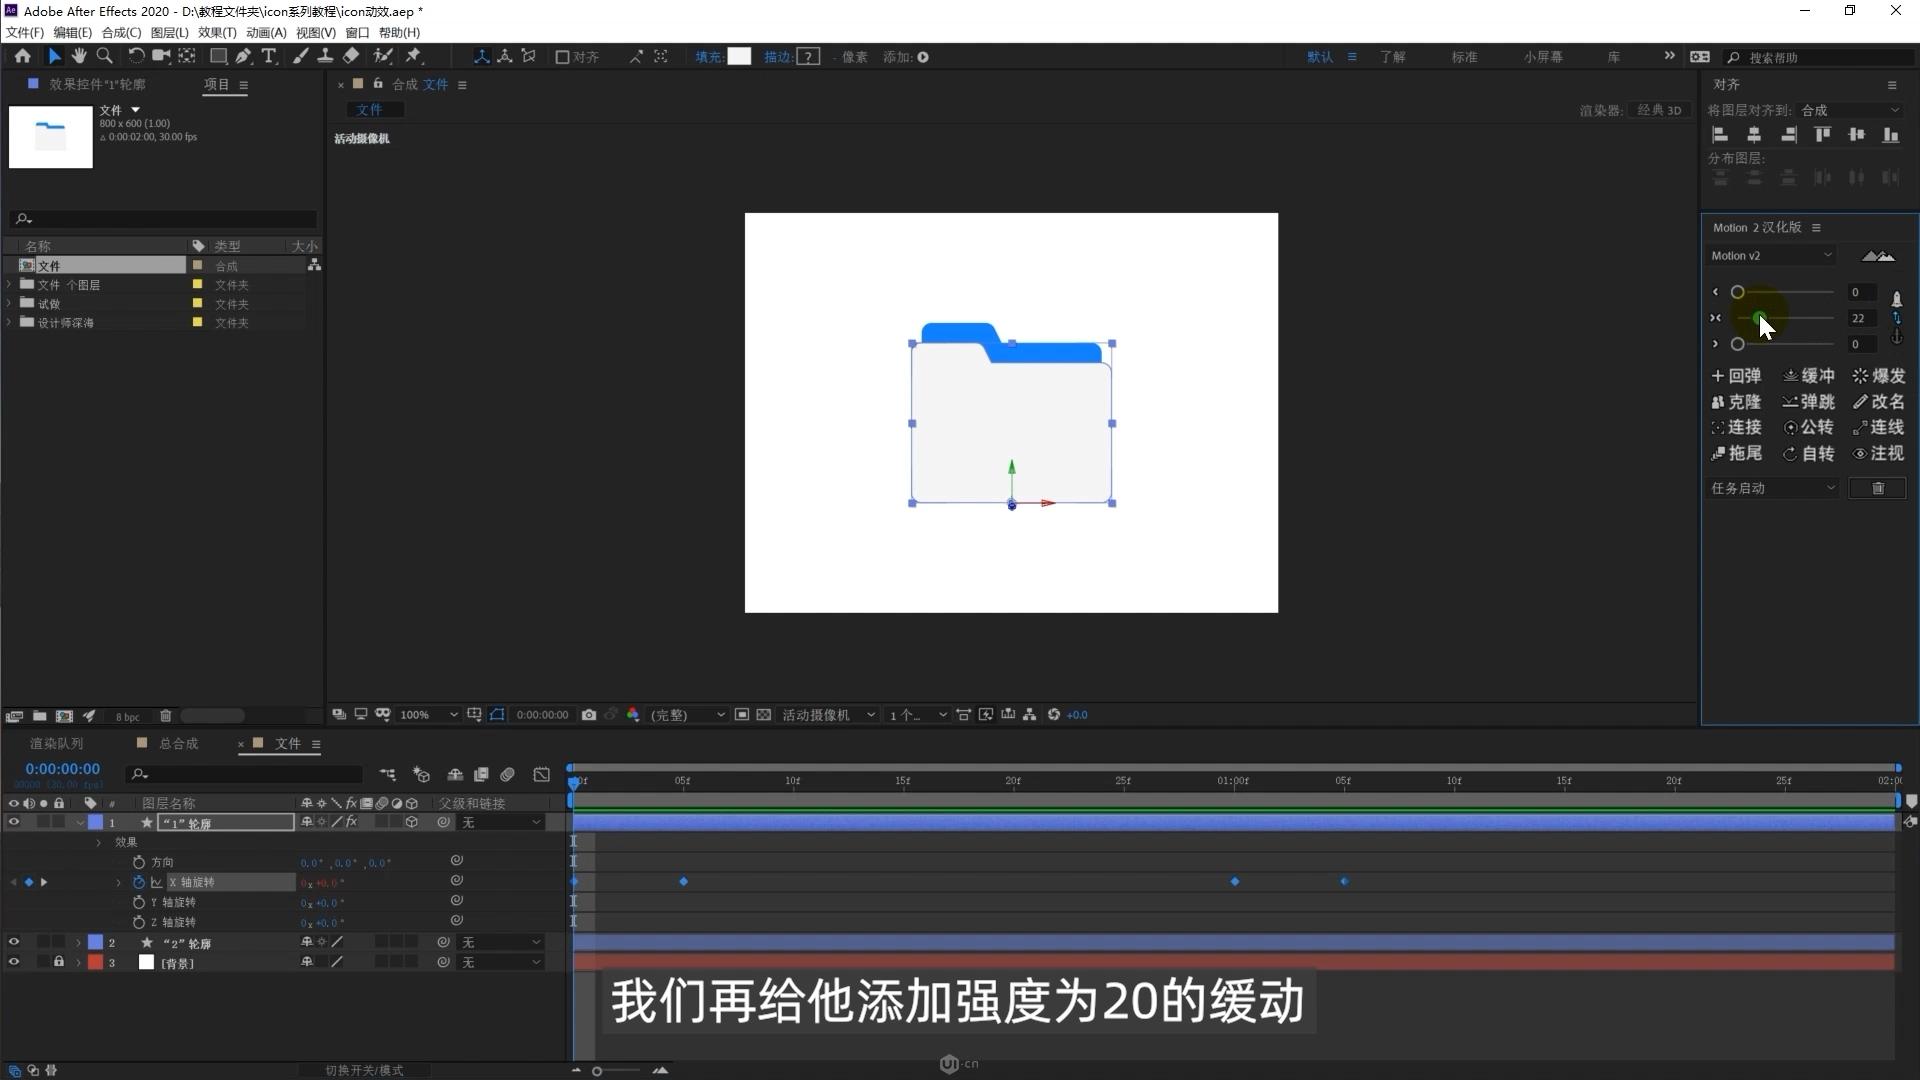 AE如何制作毛玻璃风格图标动效(11)